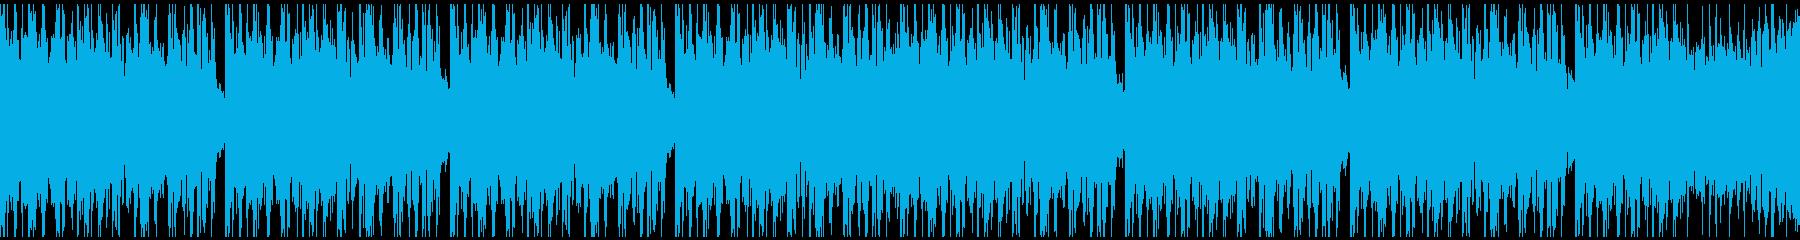 [ループ]ダンスミュージック2 30秒の再生済みの波形